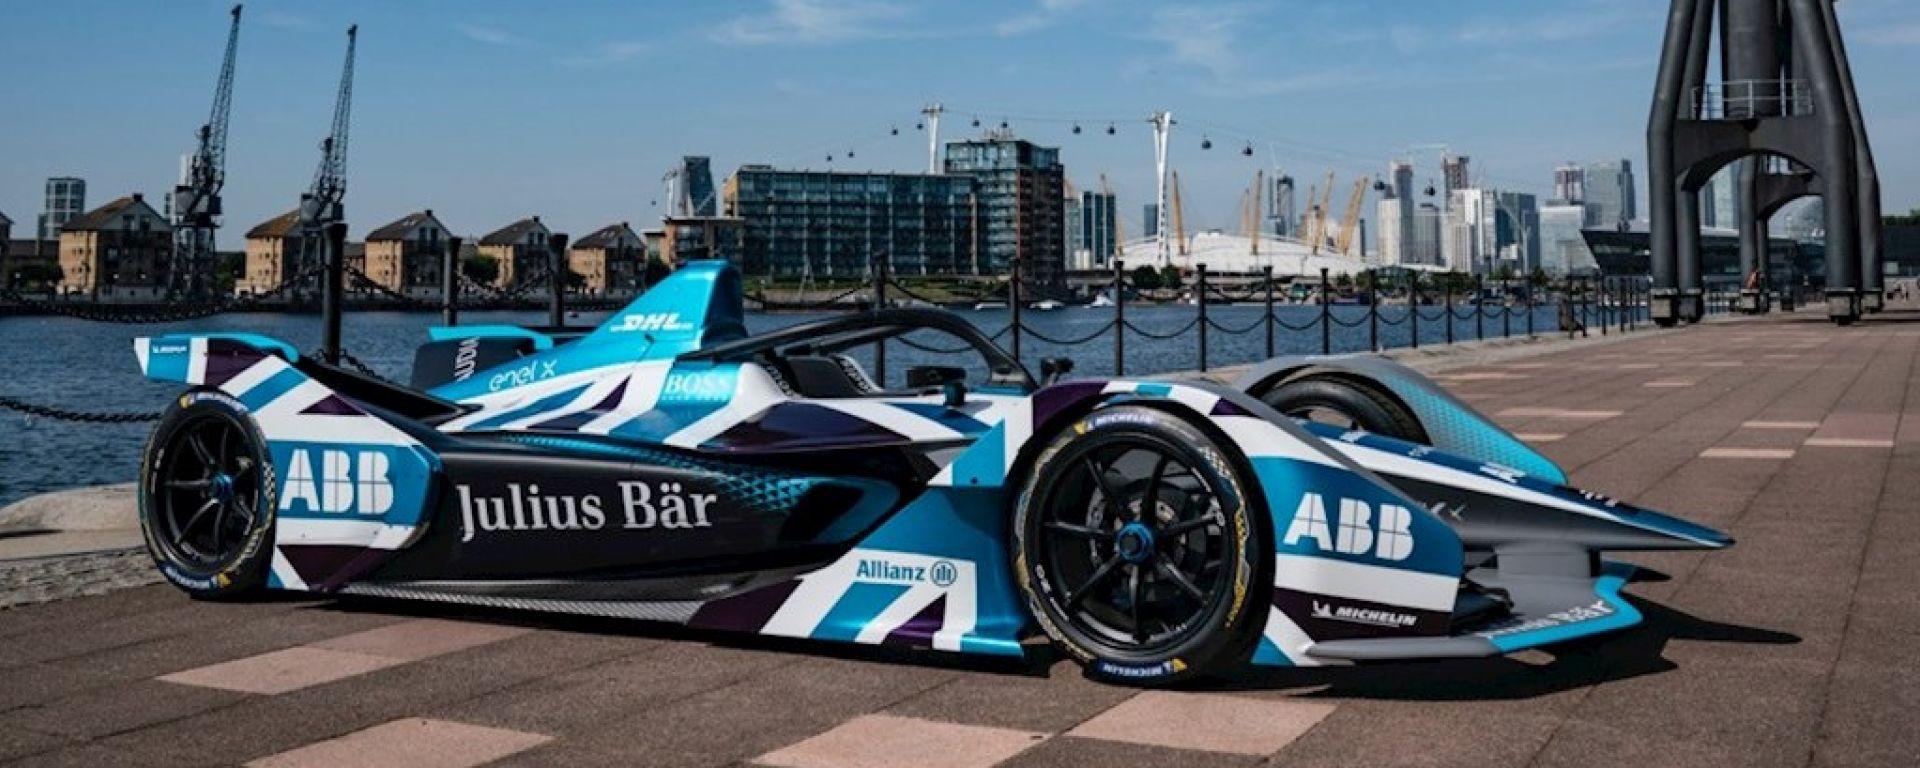 Formula E ePrix Londra 2021, ExCeL: la livrea speciale per l'ePrix di Londra